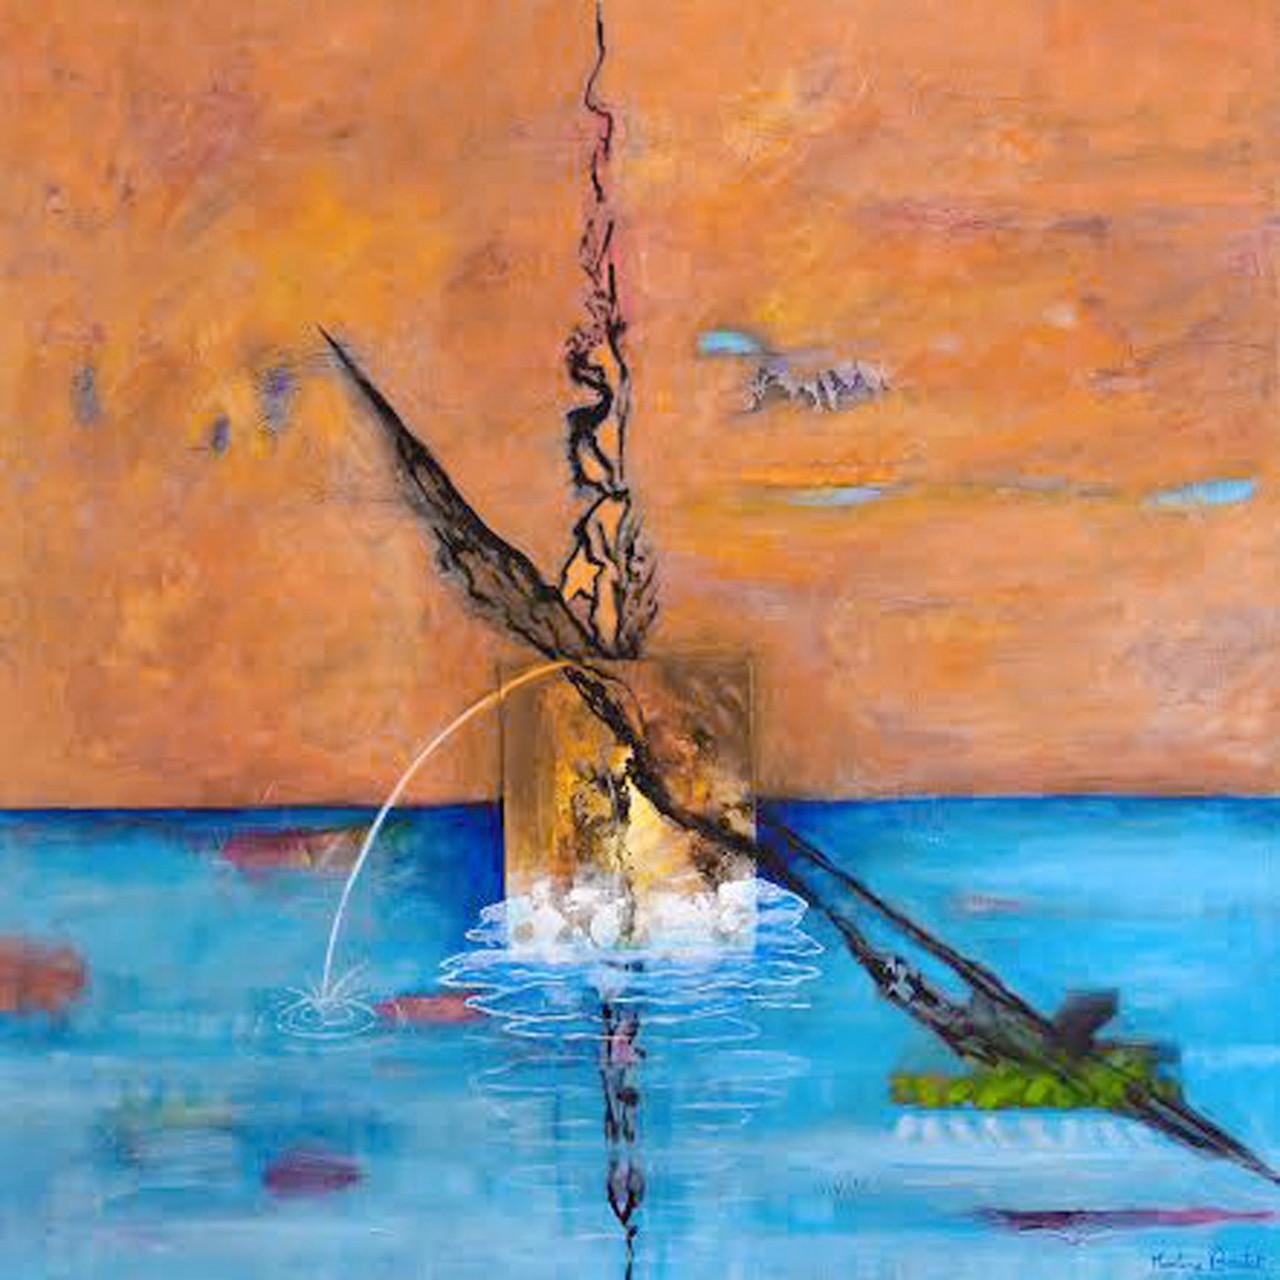 < La porte d'eau > acrylique, pigments sur toile 100x100cm